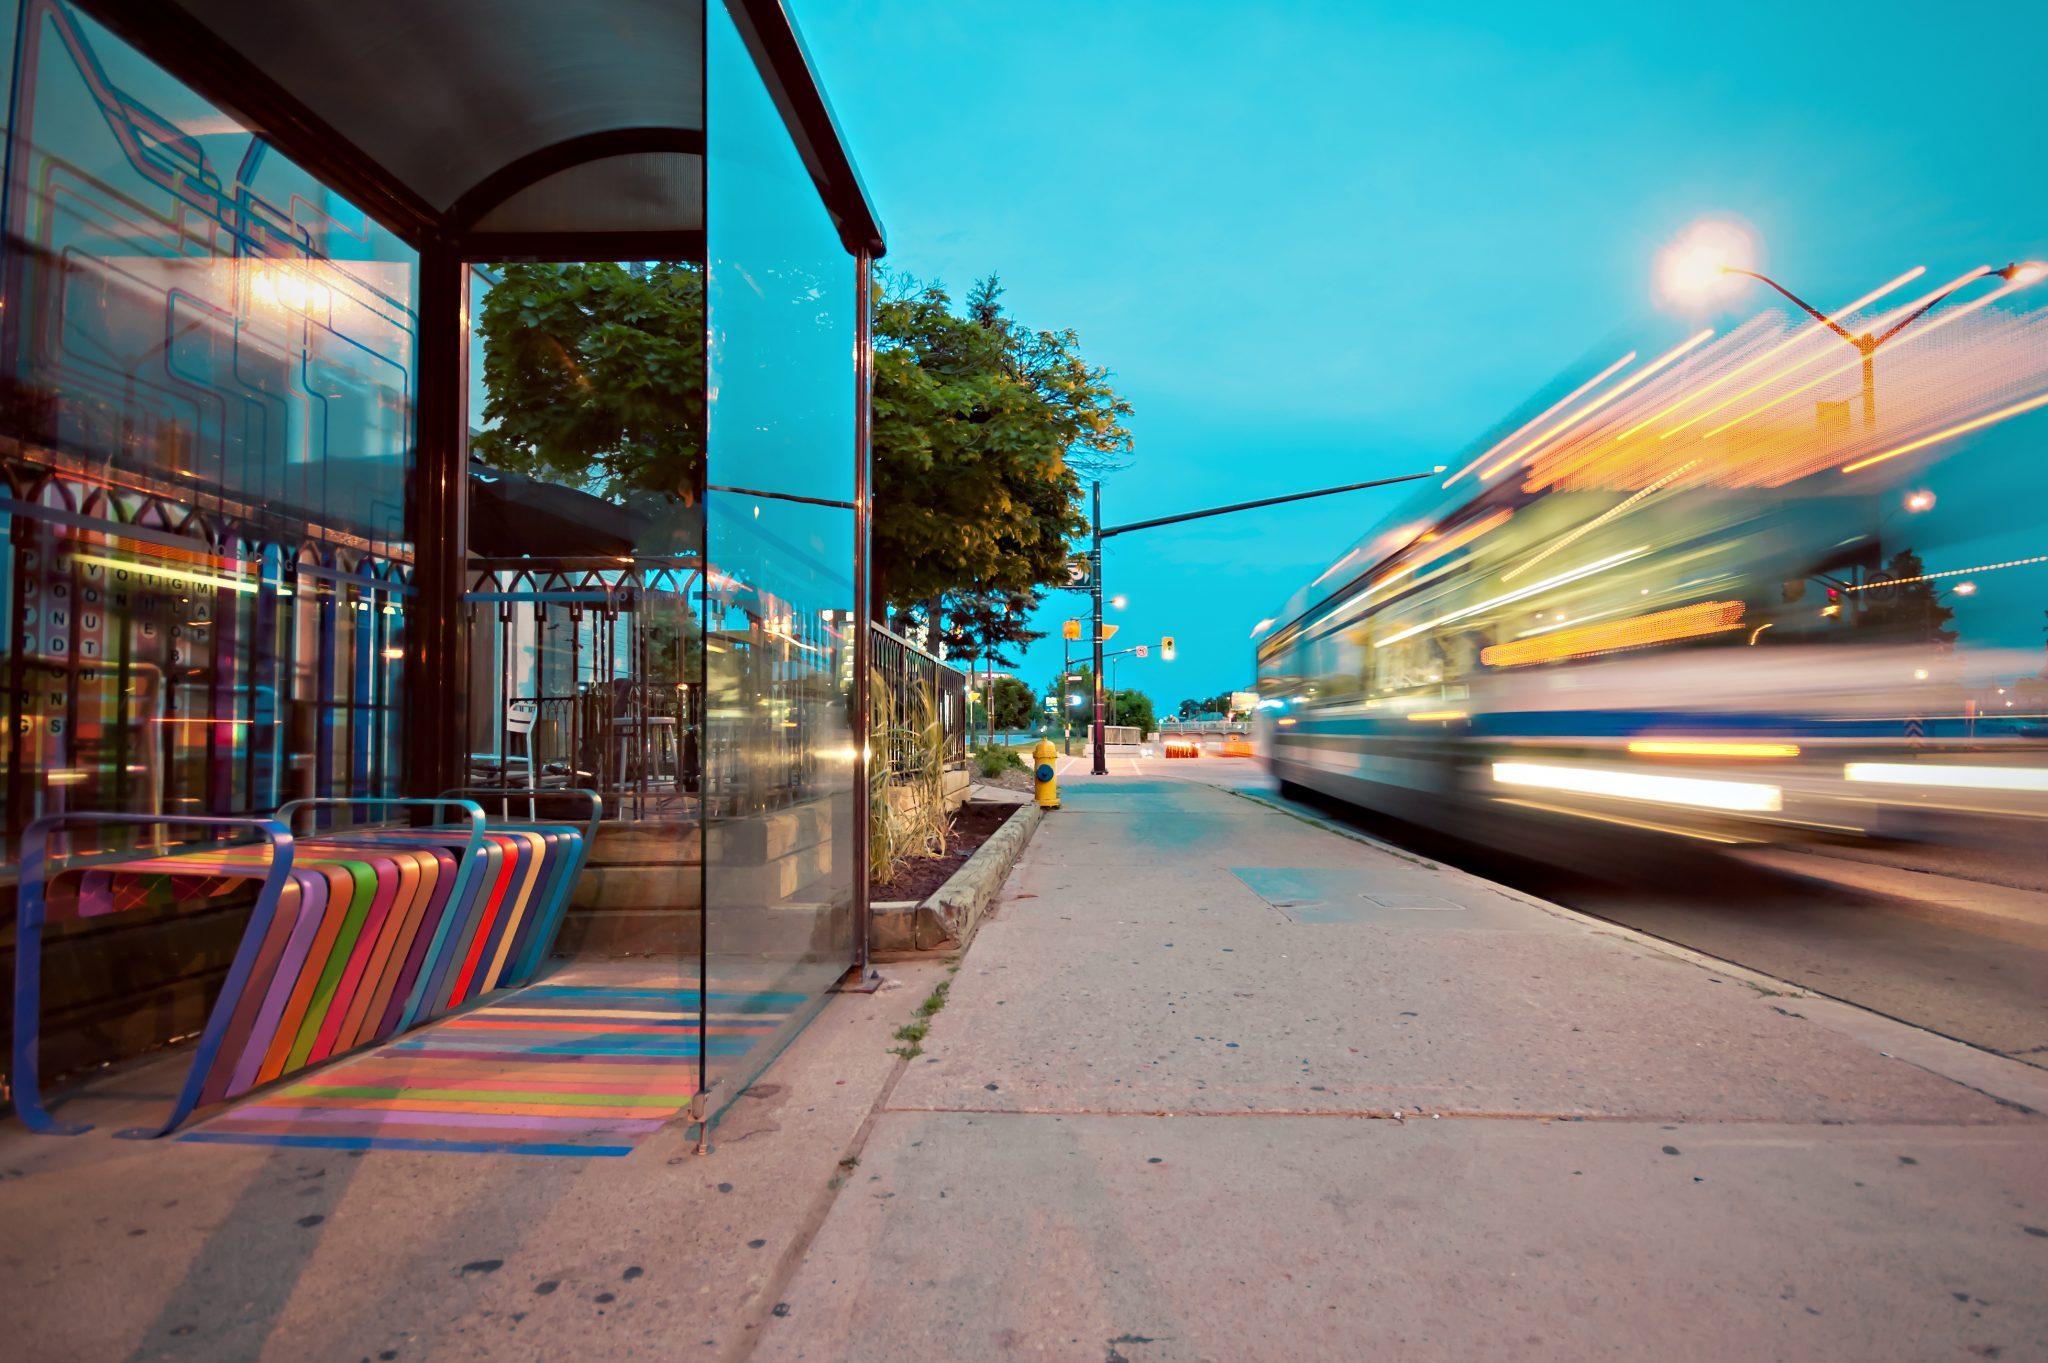 Image décorative - Bus en mouvement à la tombé de la nuit